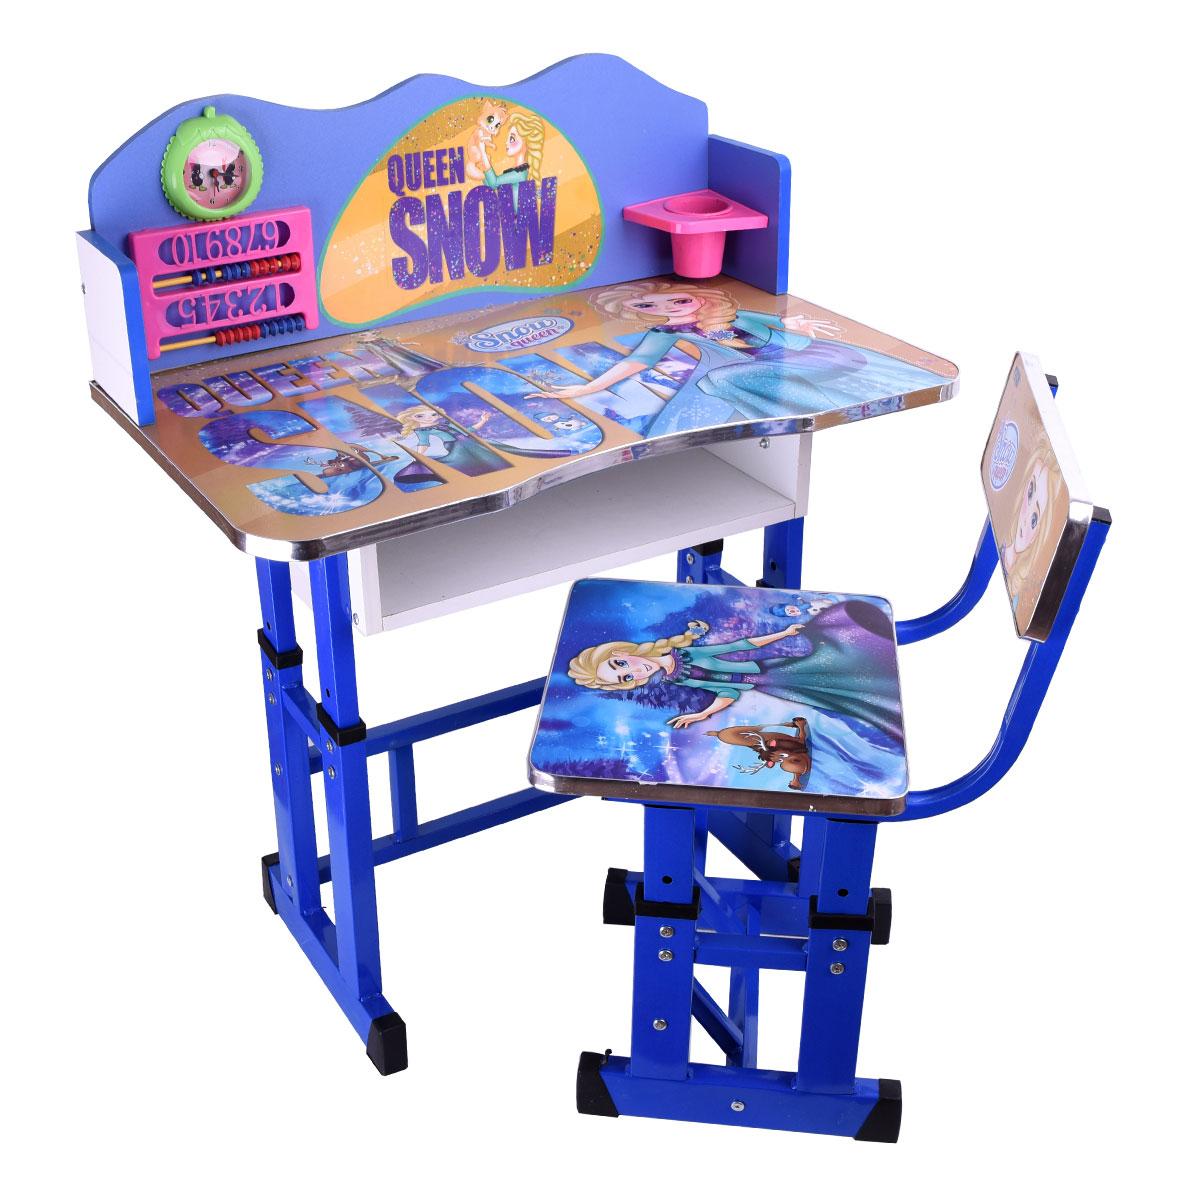 طاولة اطفال مدرسية خشب + كرسي , رقم 4042-038